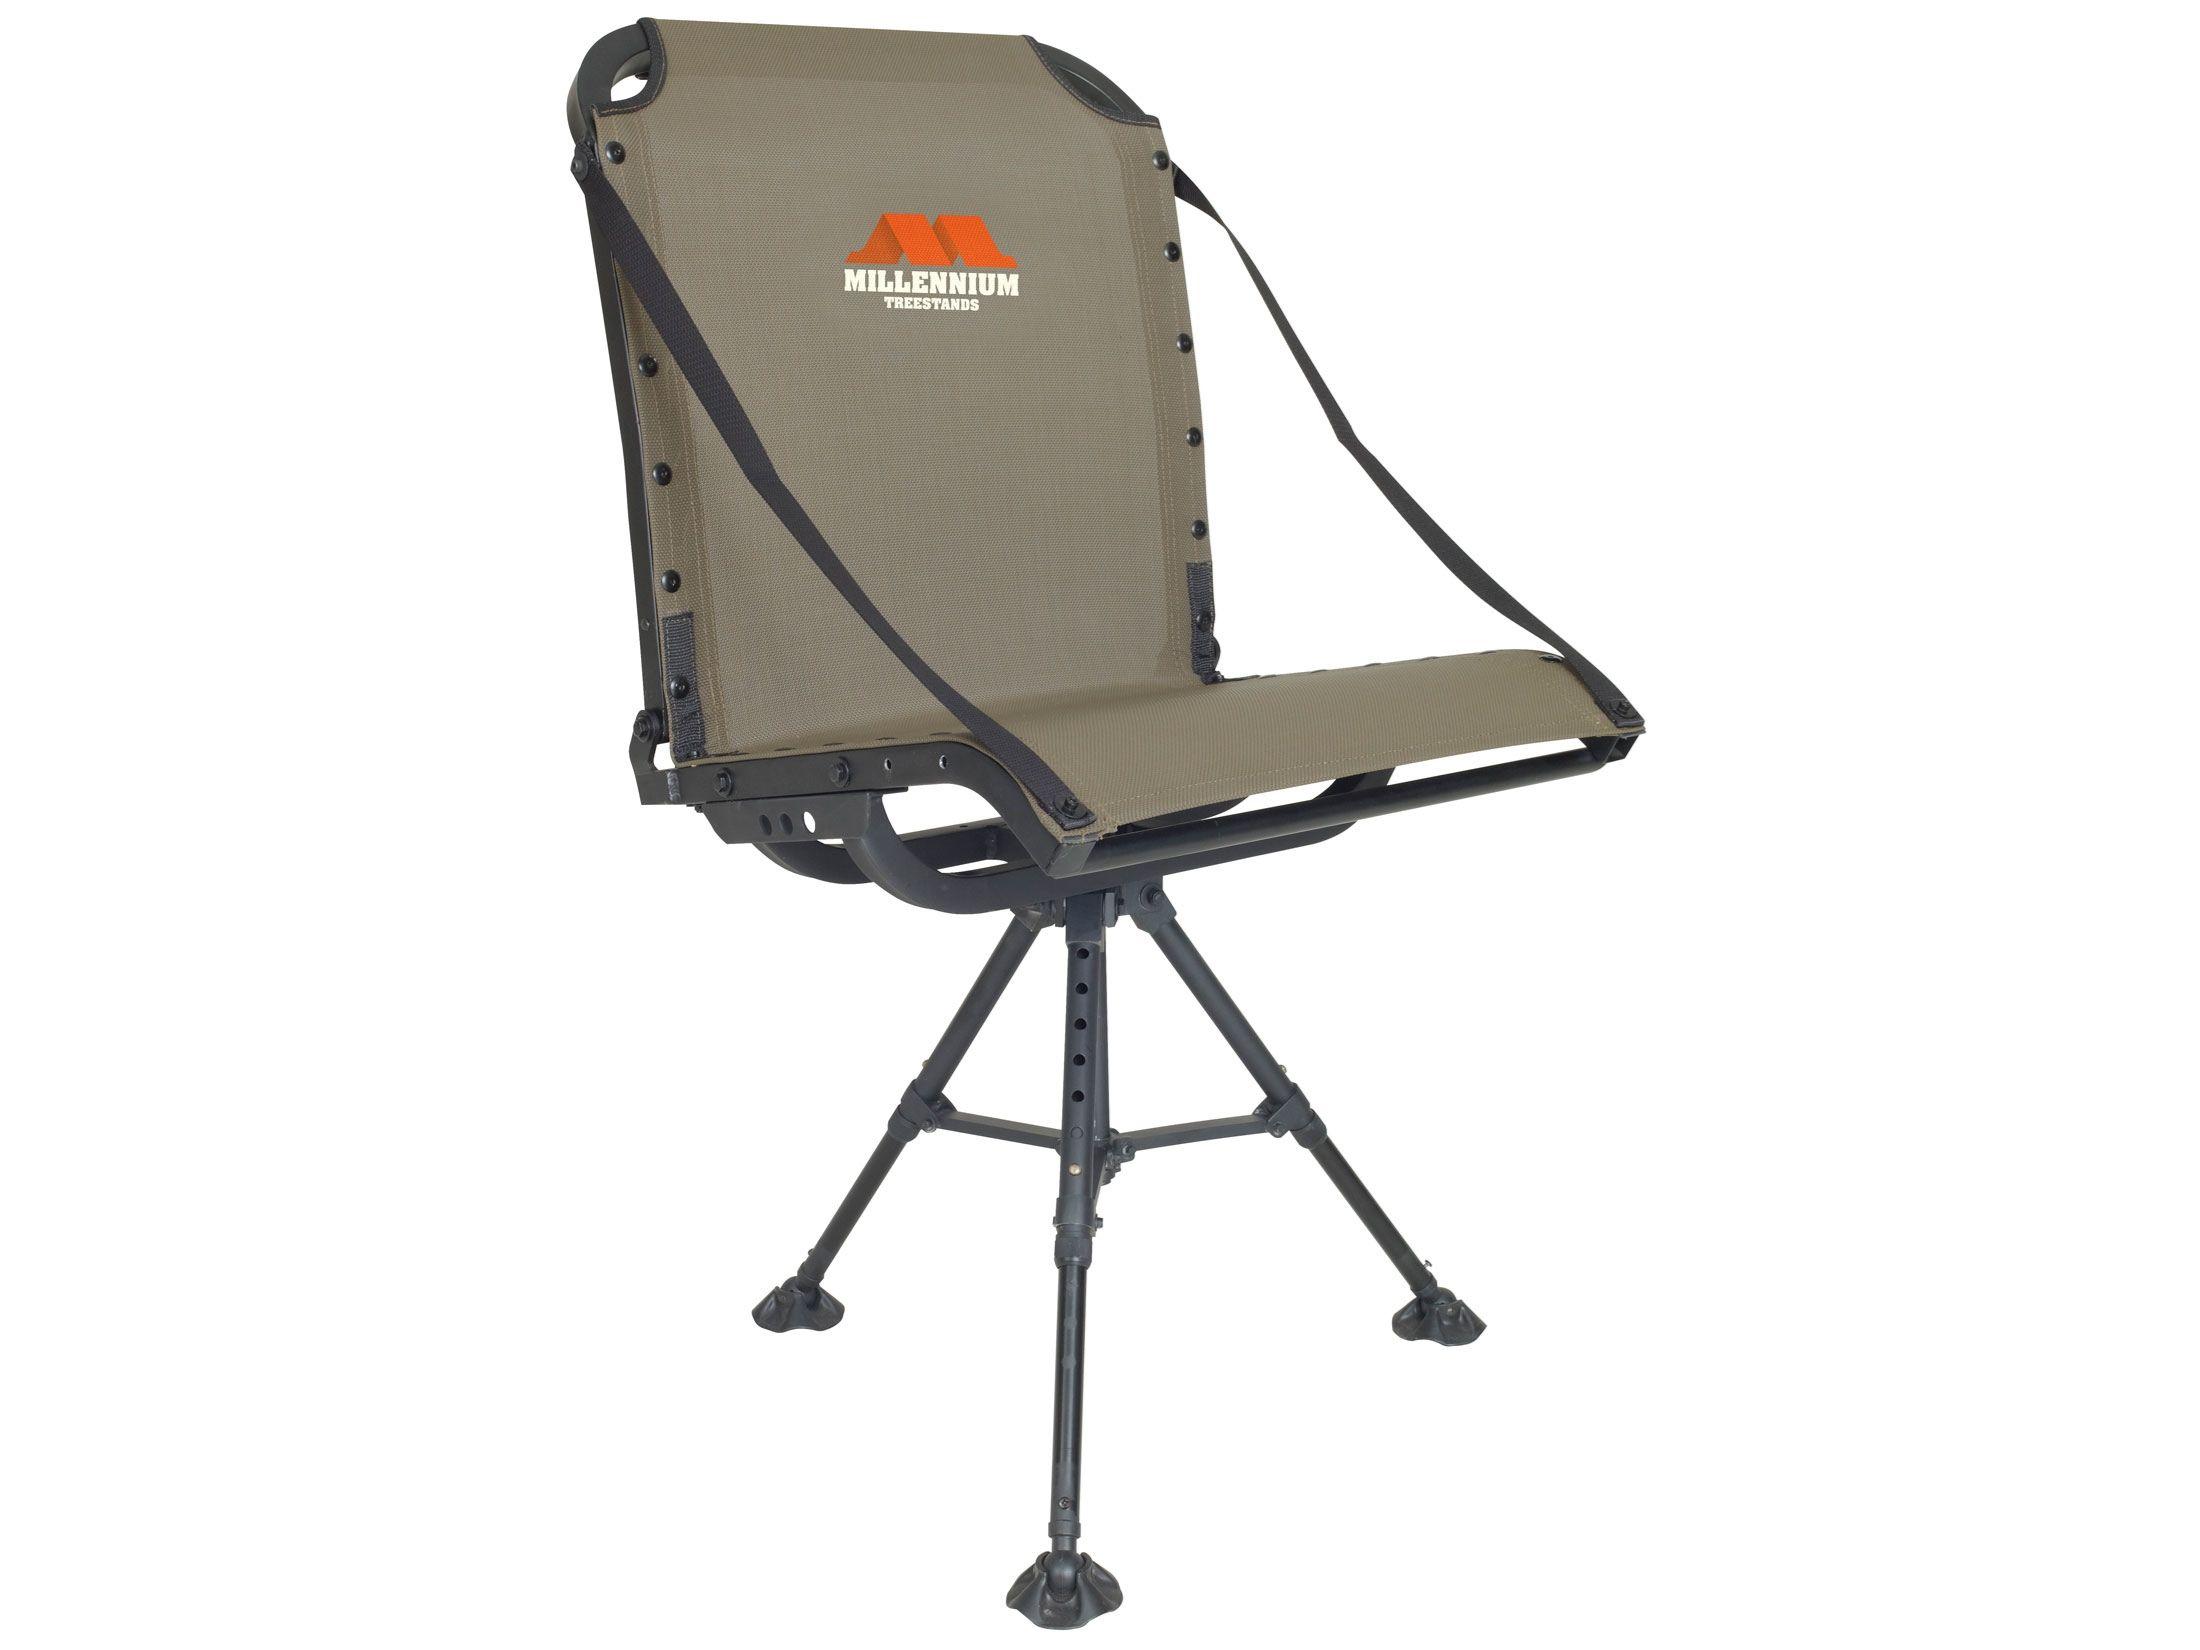 Millennium G100 Ground Blind Chair Ground blinds